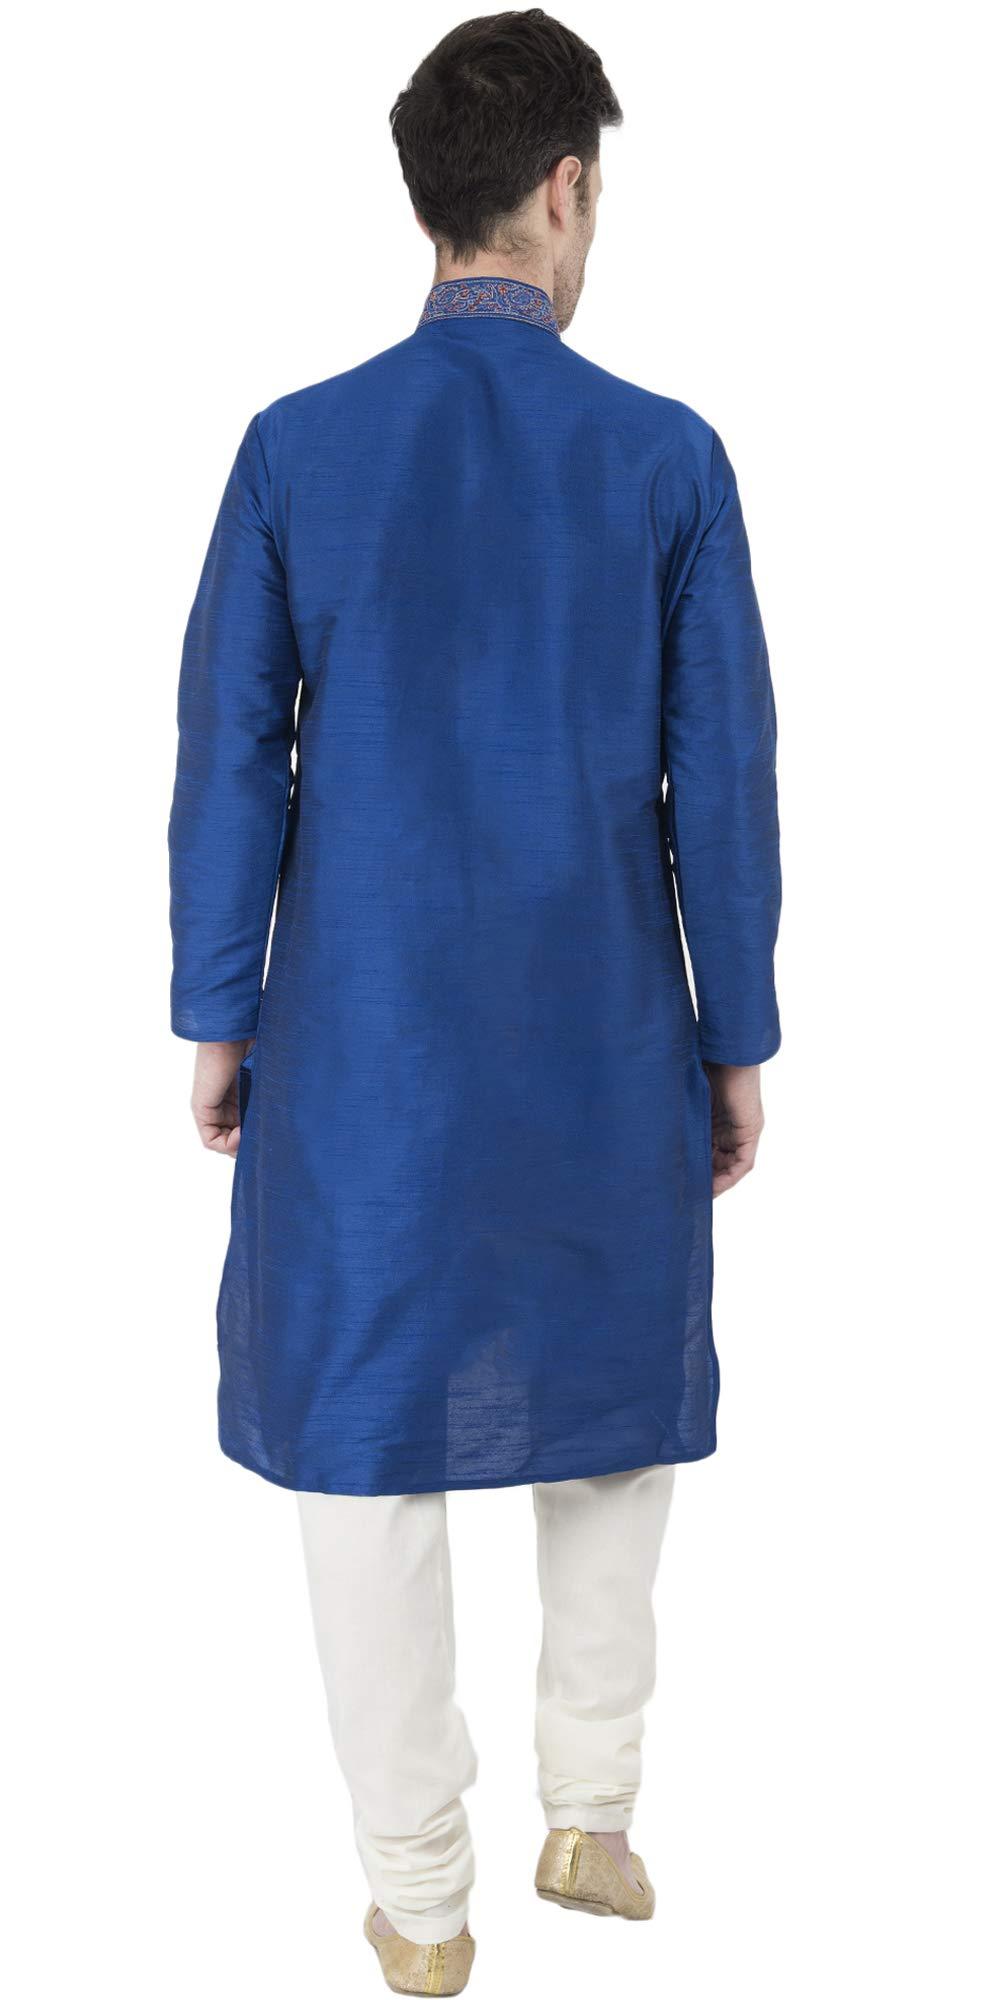 Indian Long Sleeve Kurta Pajama Dress Men Salwar Kameez Party and Wedding Wear -XL by SKAVIJ (Image #5)